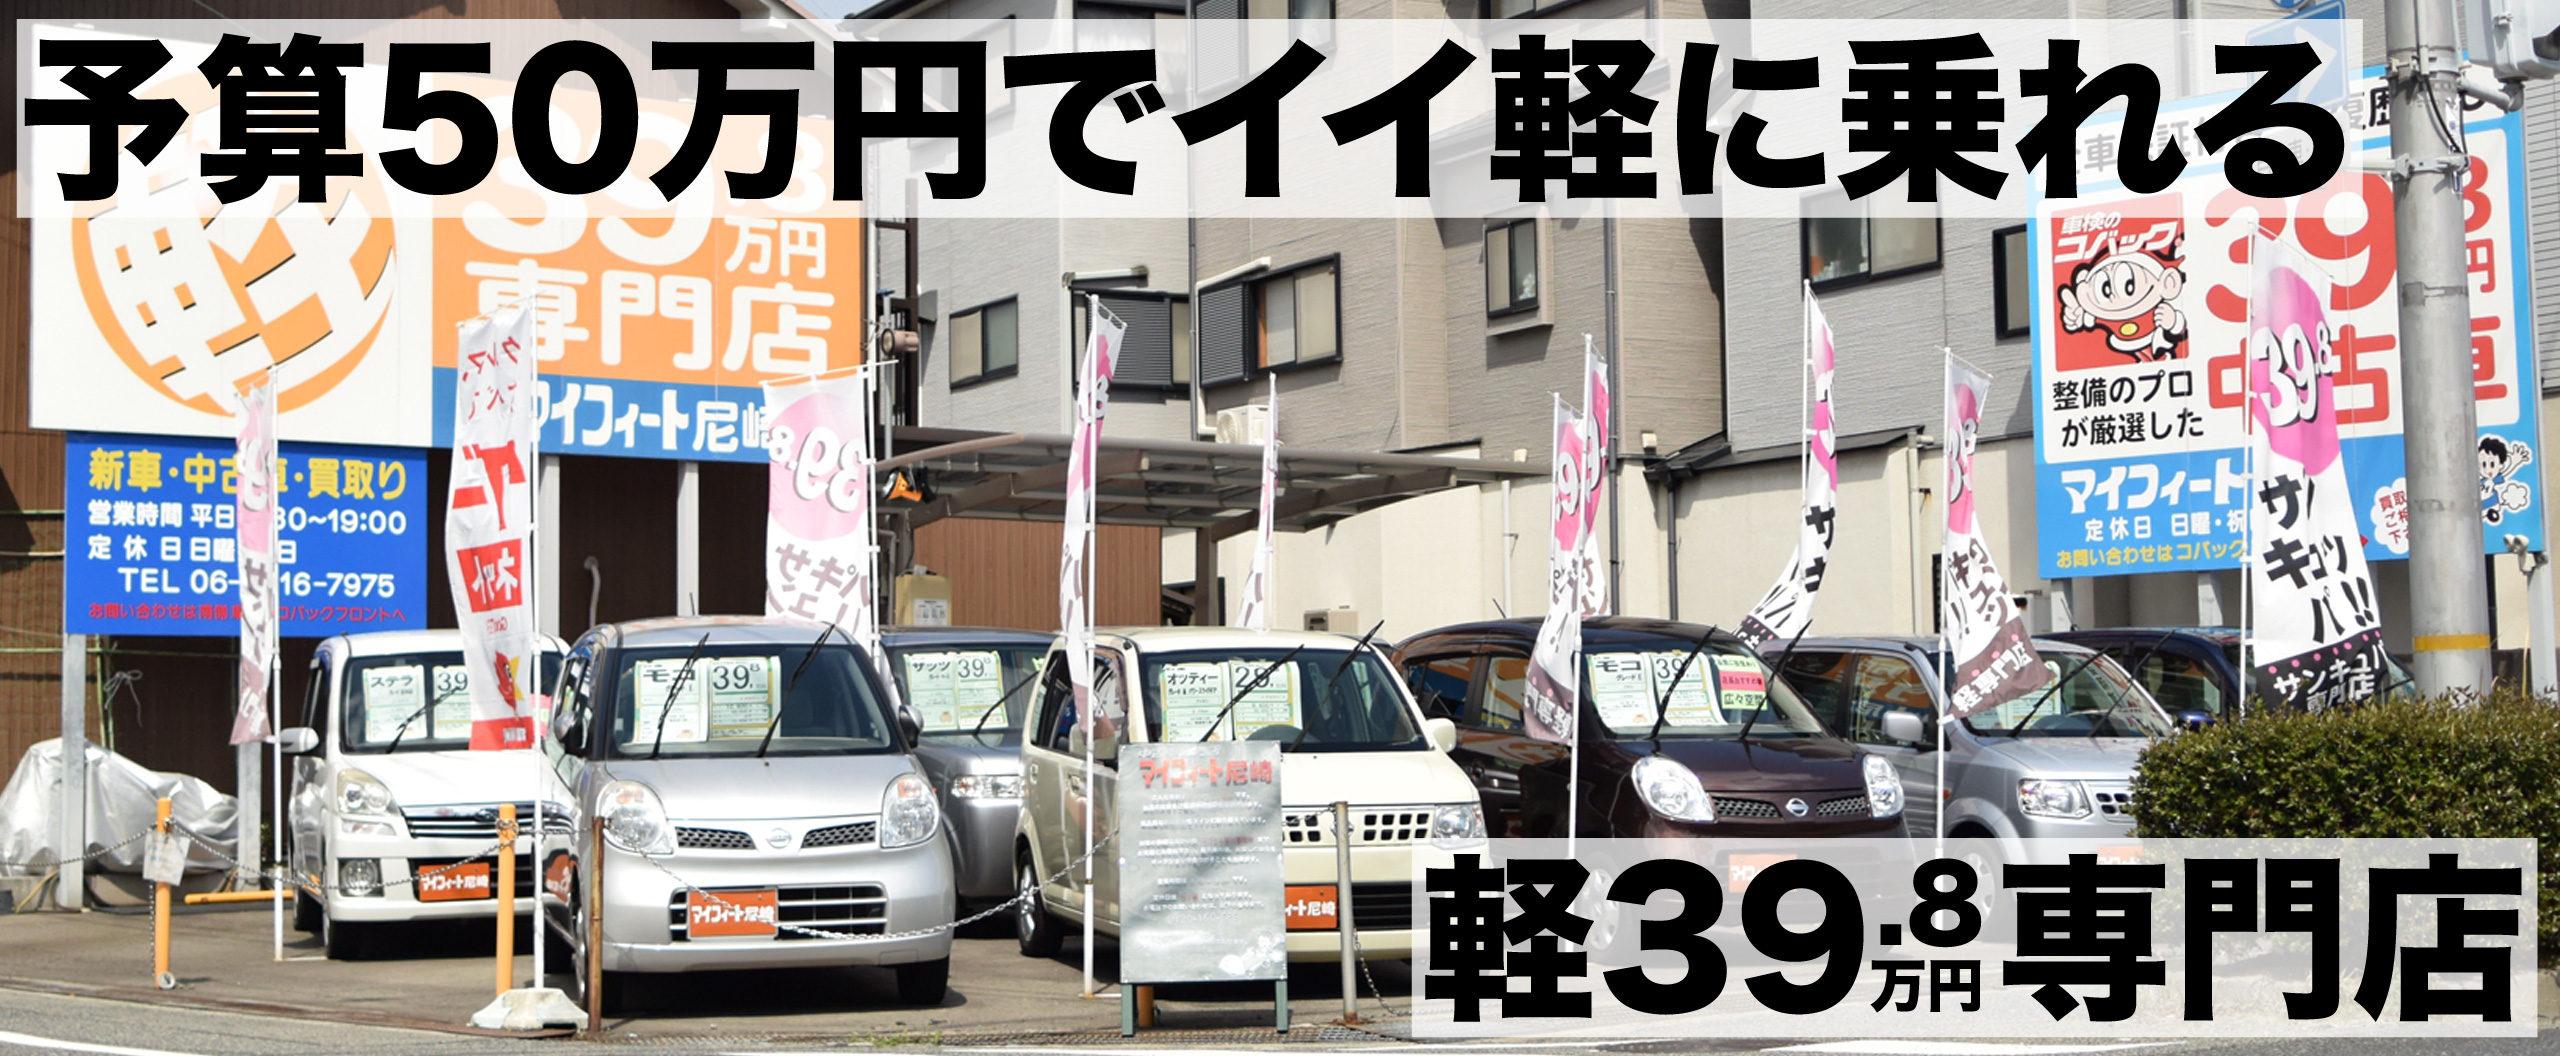 株式会社 大源モータース